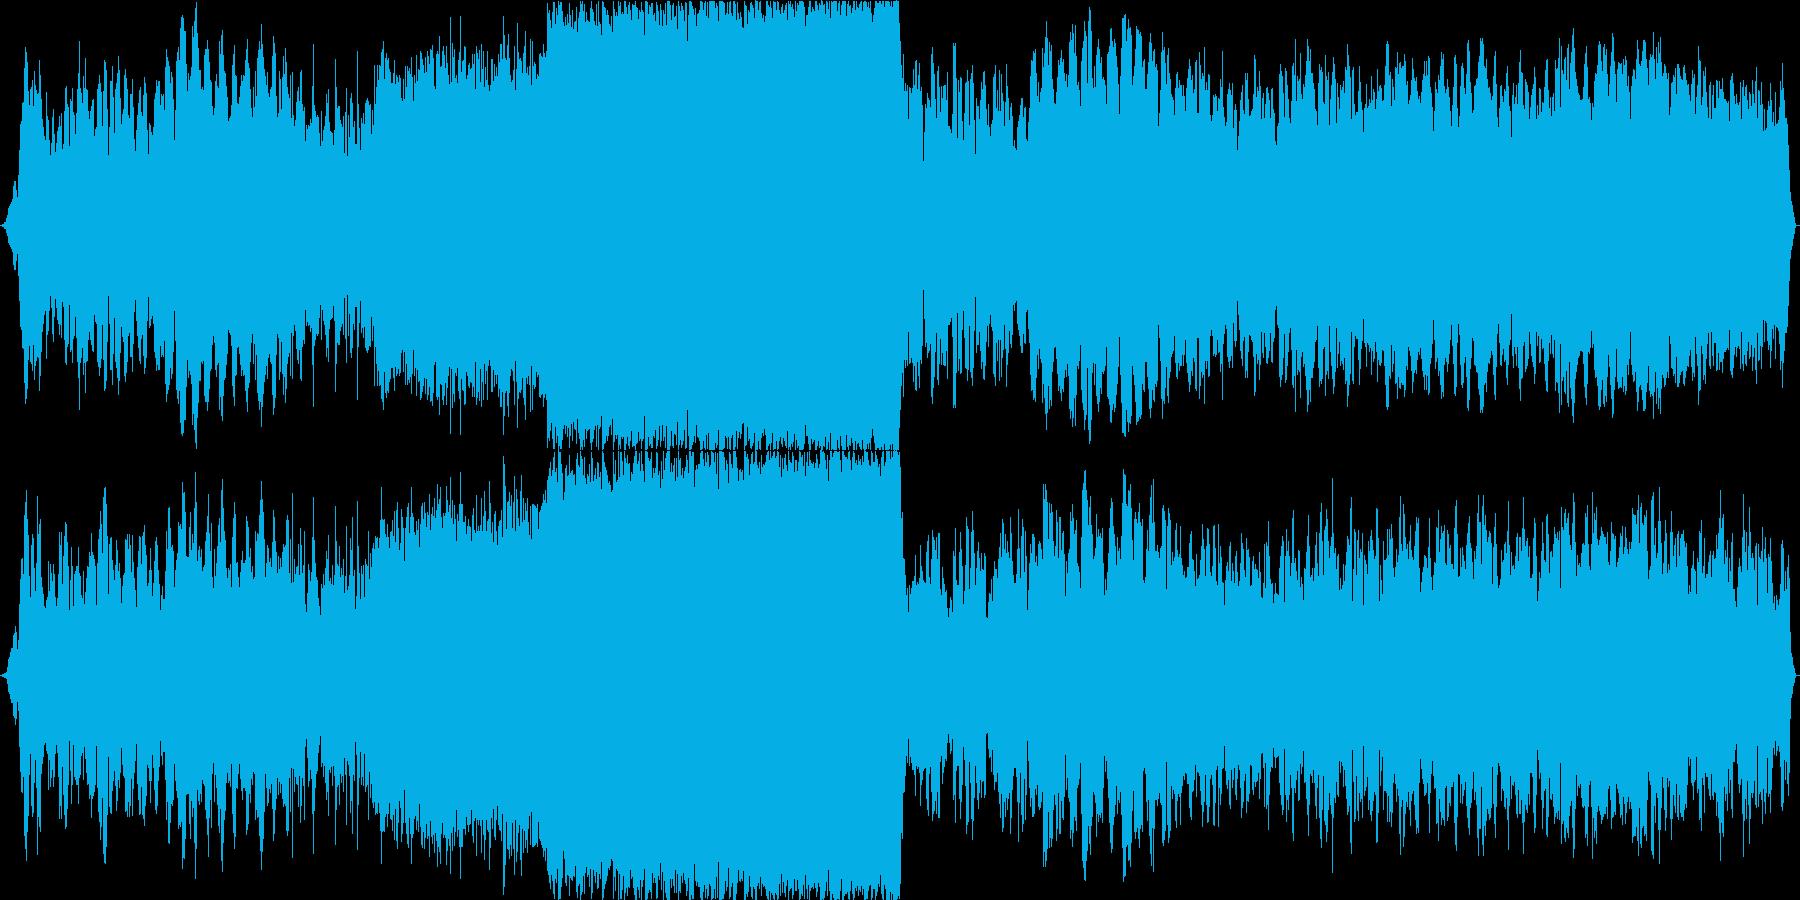 暗く、恐ろしい曲の再生済みの波形